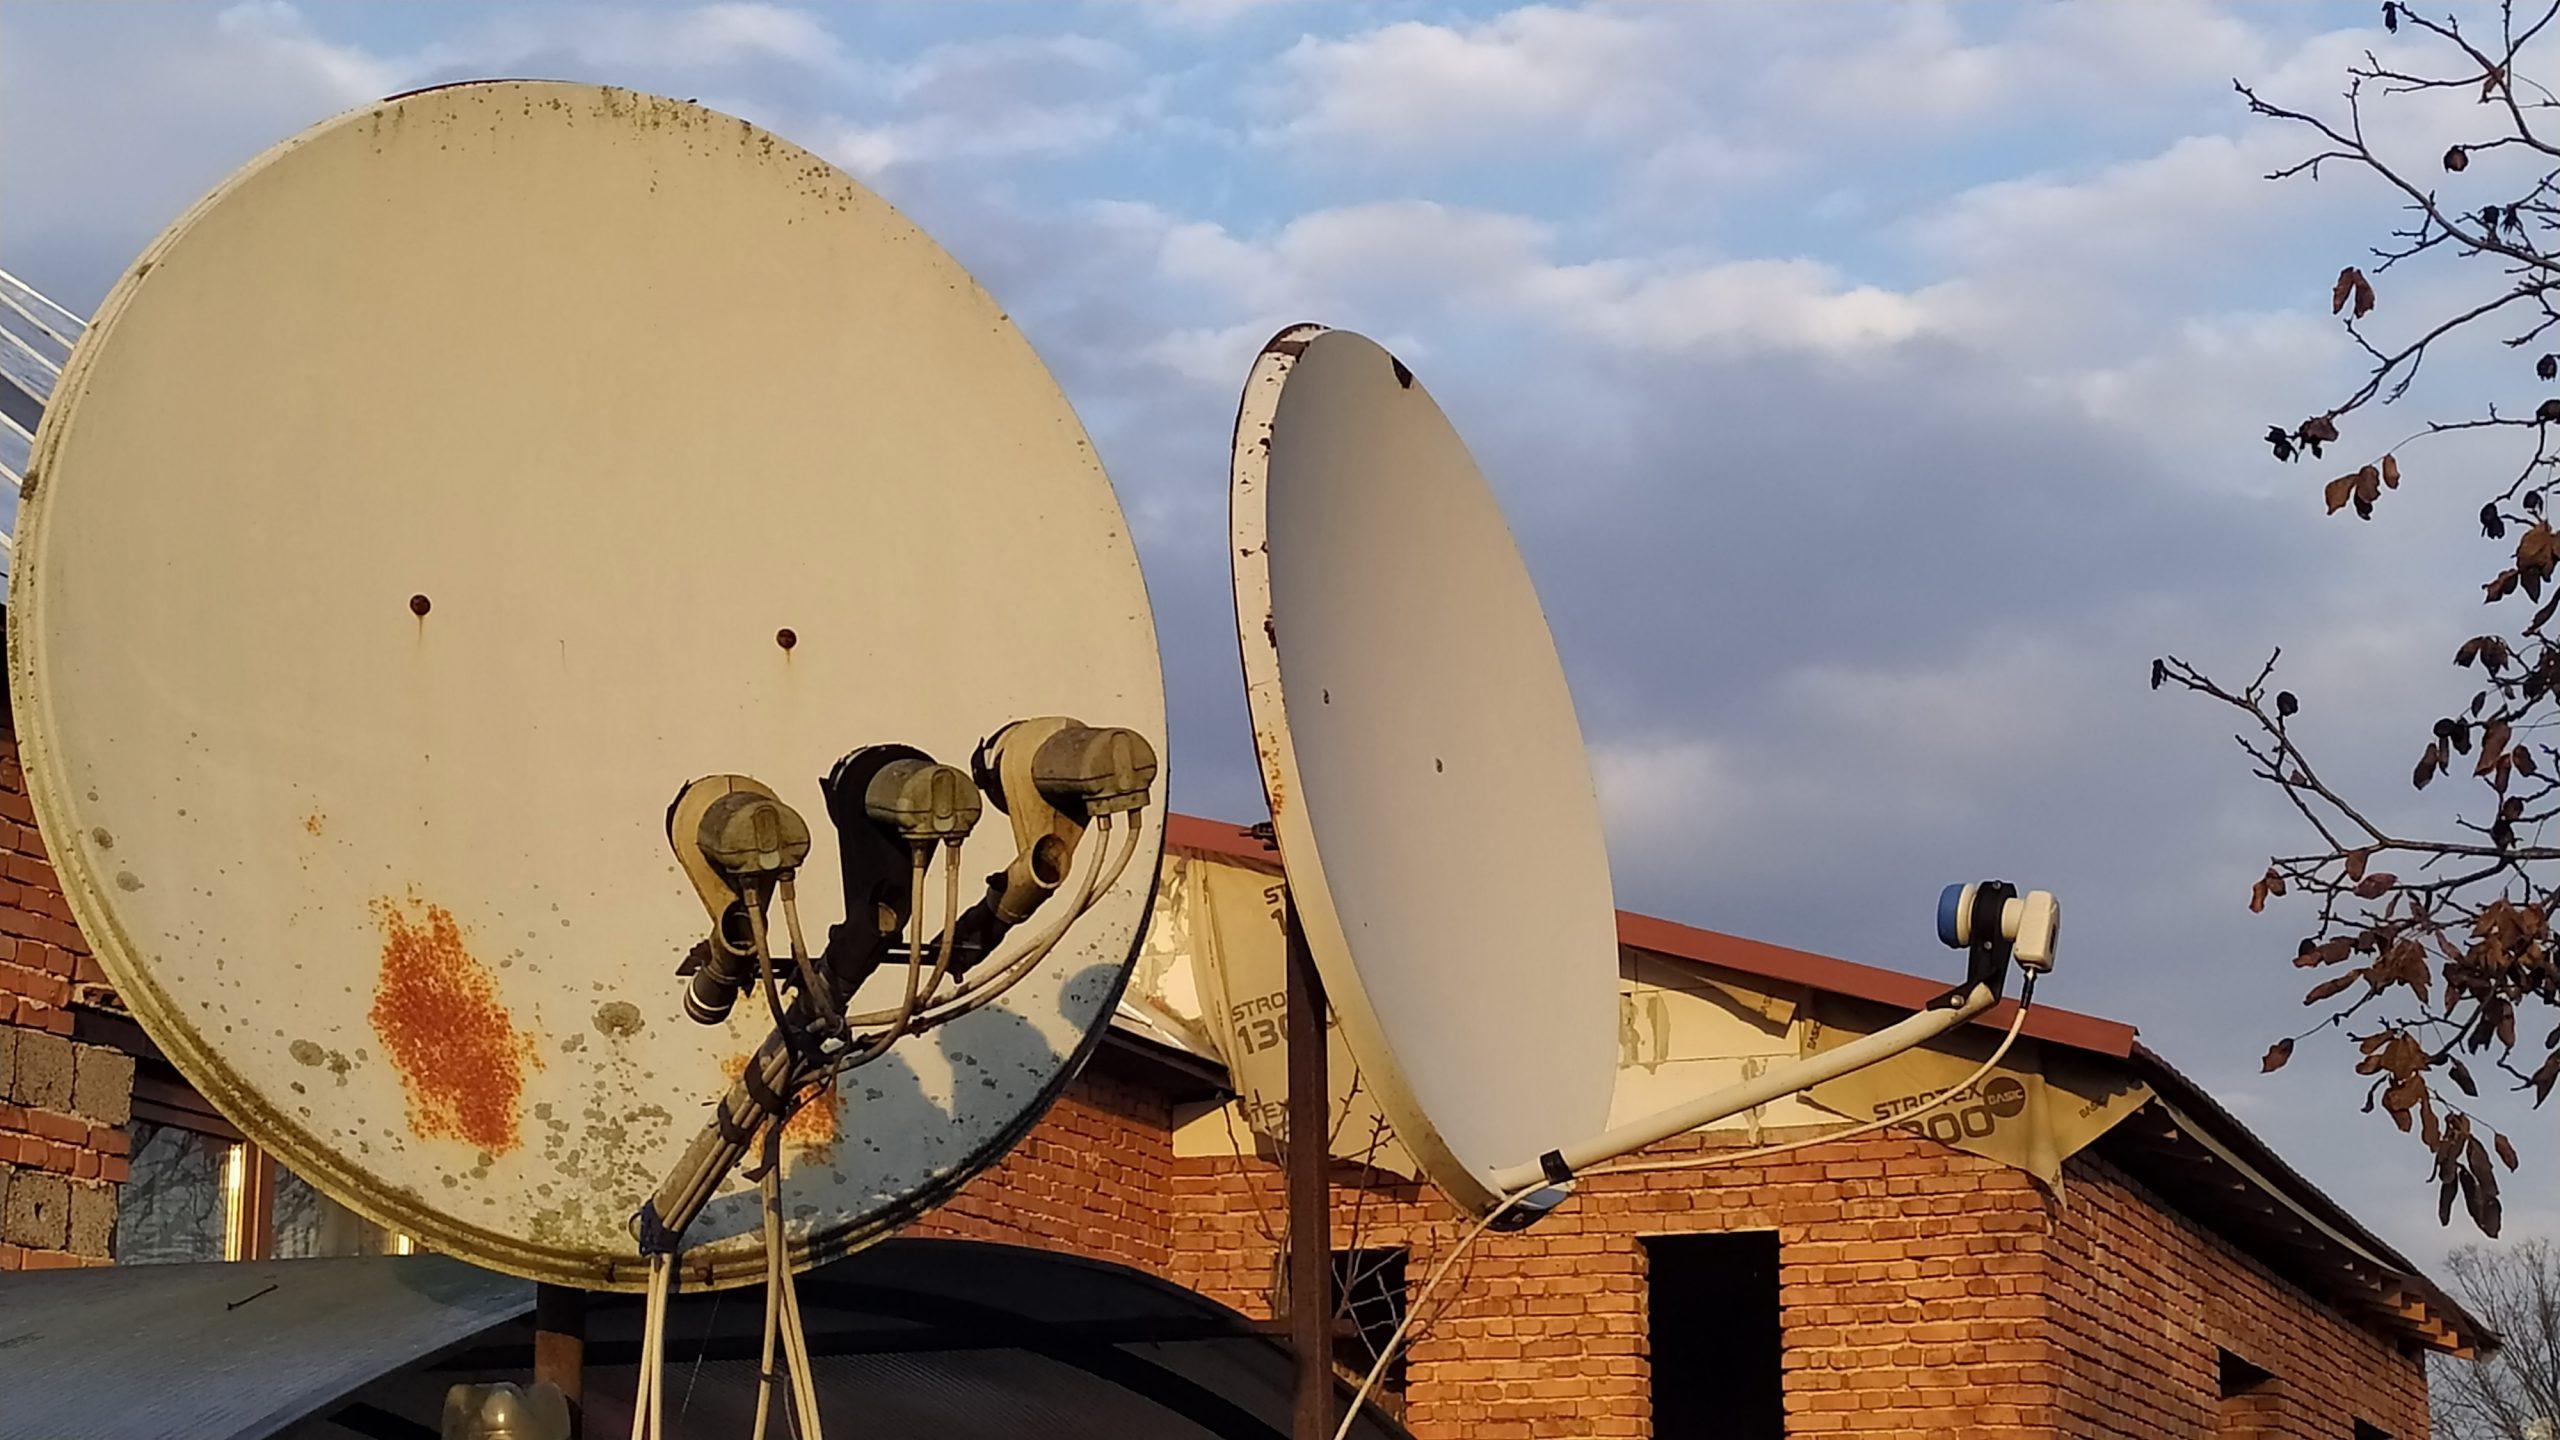 Eutelsat относительно традиционной тройки: Hotbird, Amos, Astra